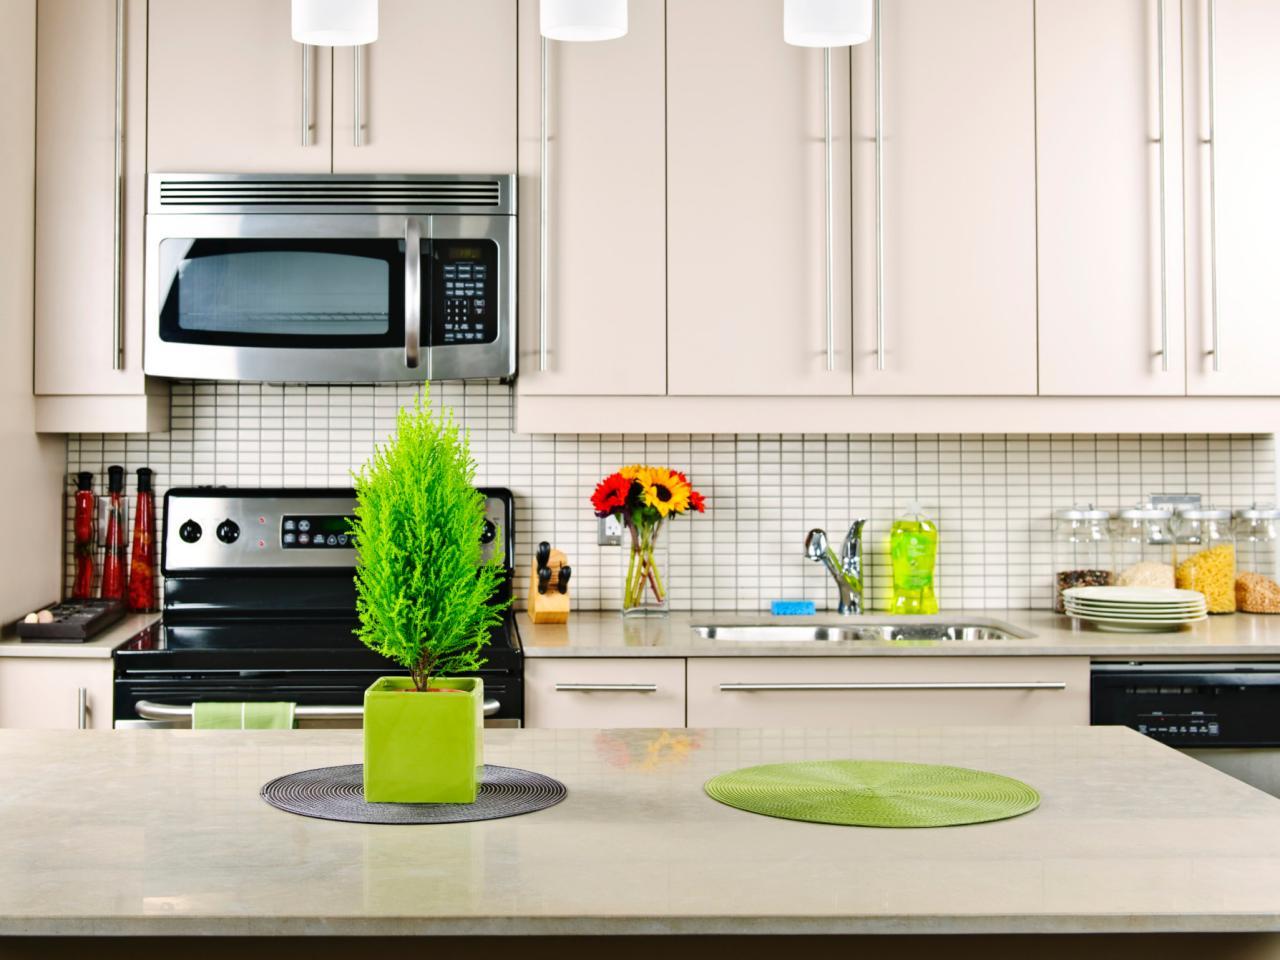 صورة طريقة ترتيب المطبخ , اجعلى مطبخك منسق و مرتب باسهل الطرق